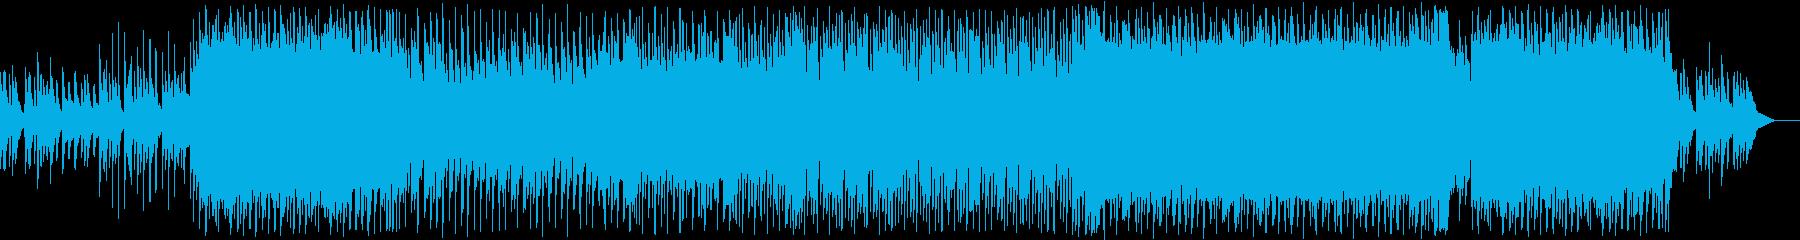 春をイメージしたCMをイメージした曲の再生済みの波形